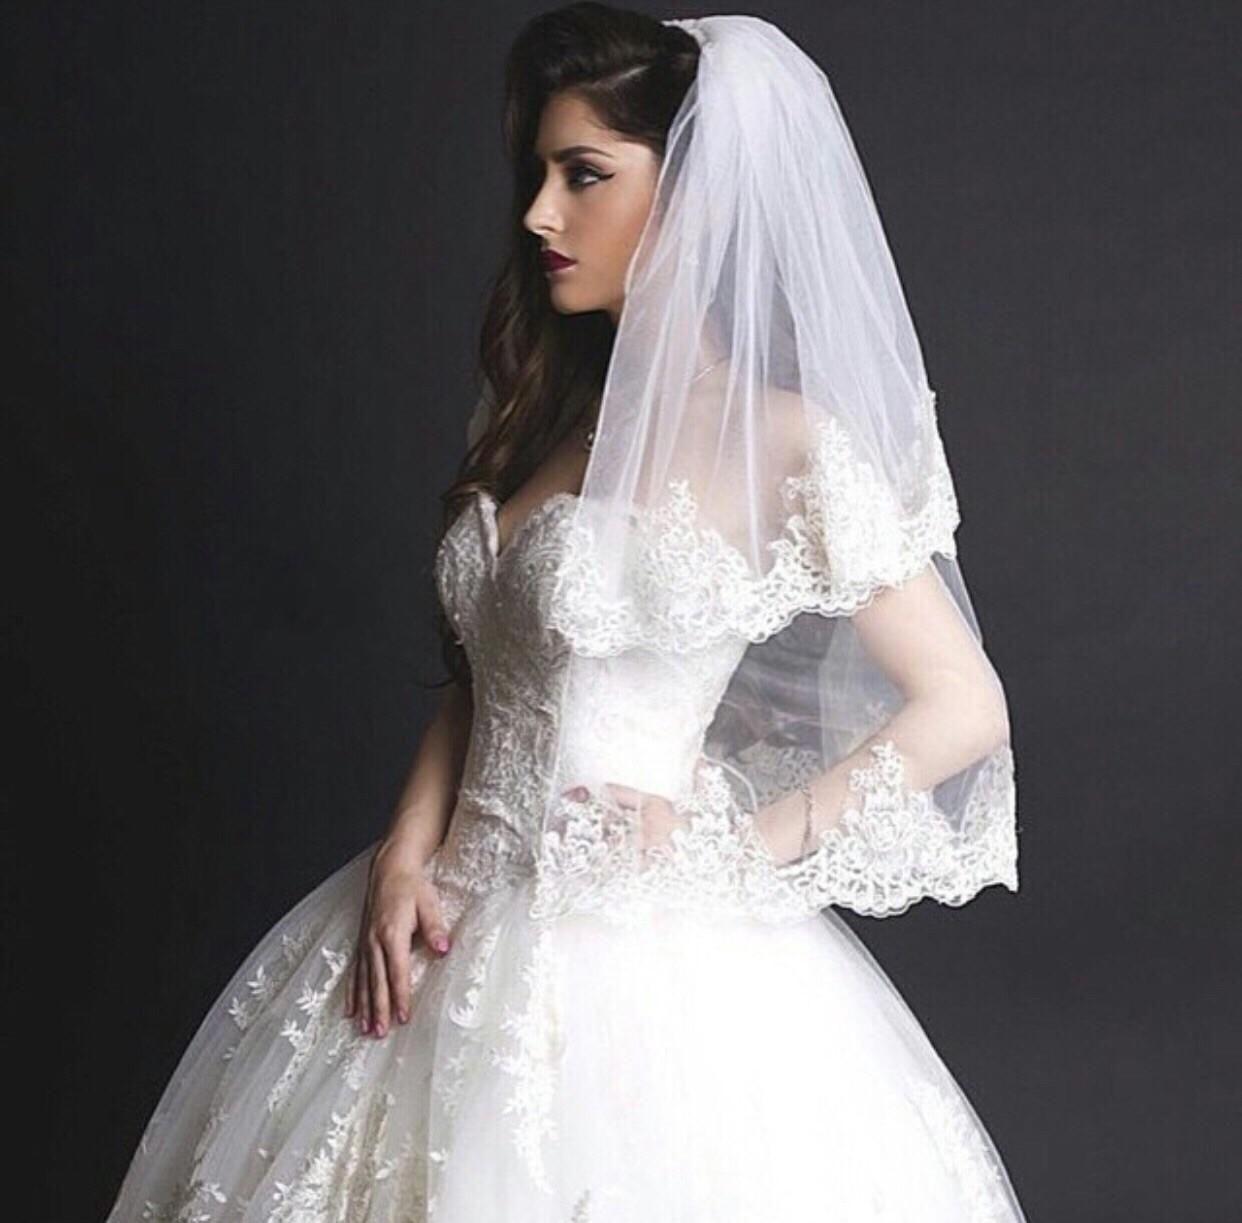 حجاب الزفاف مع مشط 2 مستويات قصيرة الحجاب مع يزين طول الكوع الحجاب الزفاف مع مشط 2019 تول اكسسوارات الزفاف رخيصة